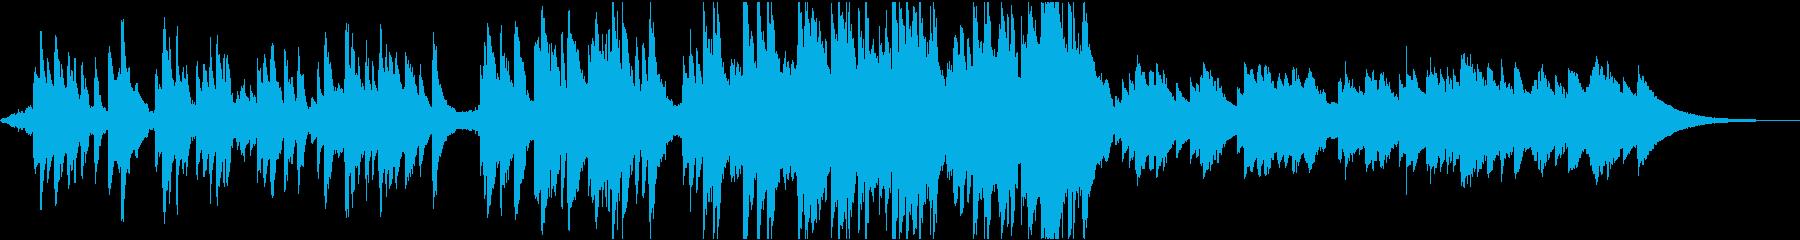 こころを癒すエピローグ向けBGMの再生済みの波形